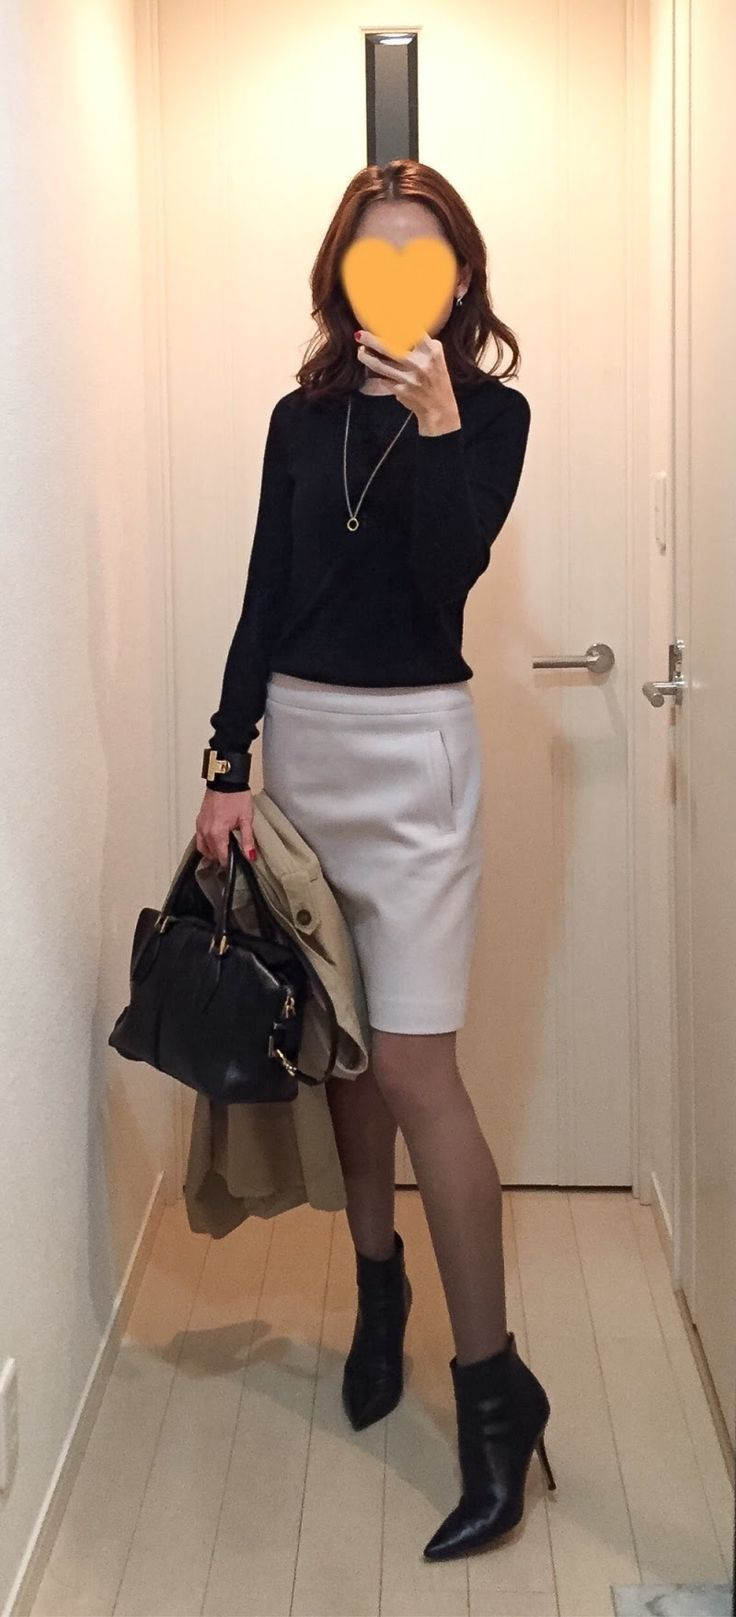 トレンチWeeeK⭐︎   AIオフィシャルブログ 毎日がときめく「自分軸ファッション」の作り方 Powered by Ameba